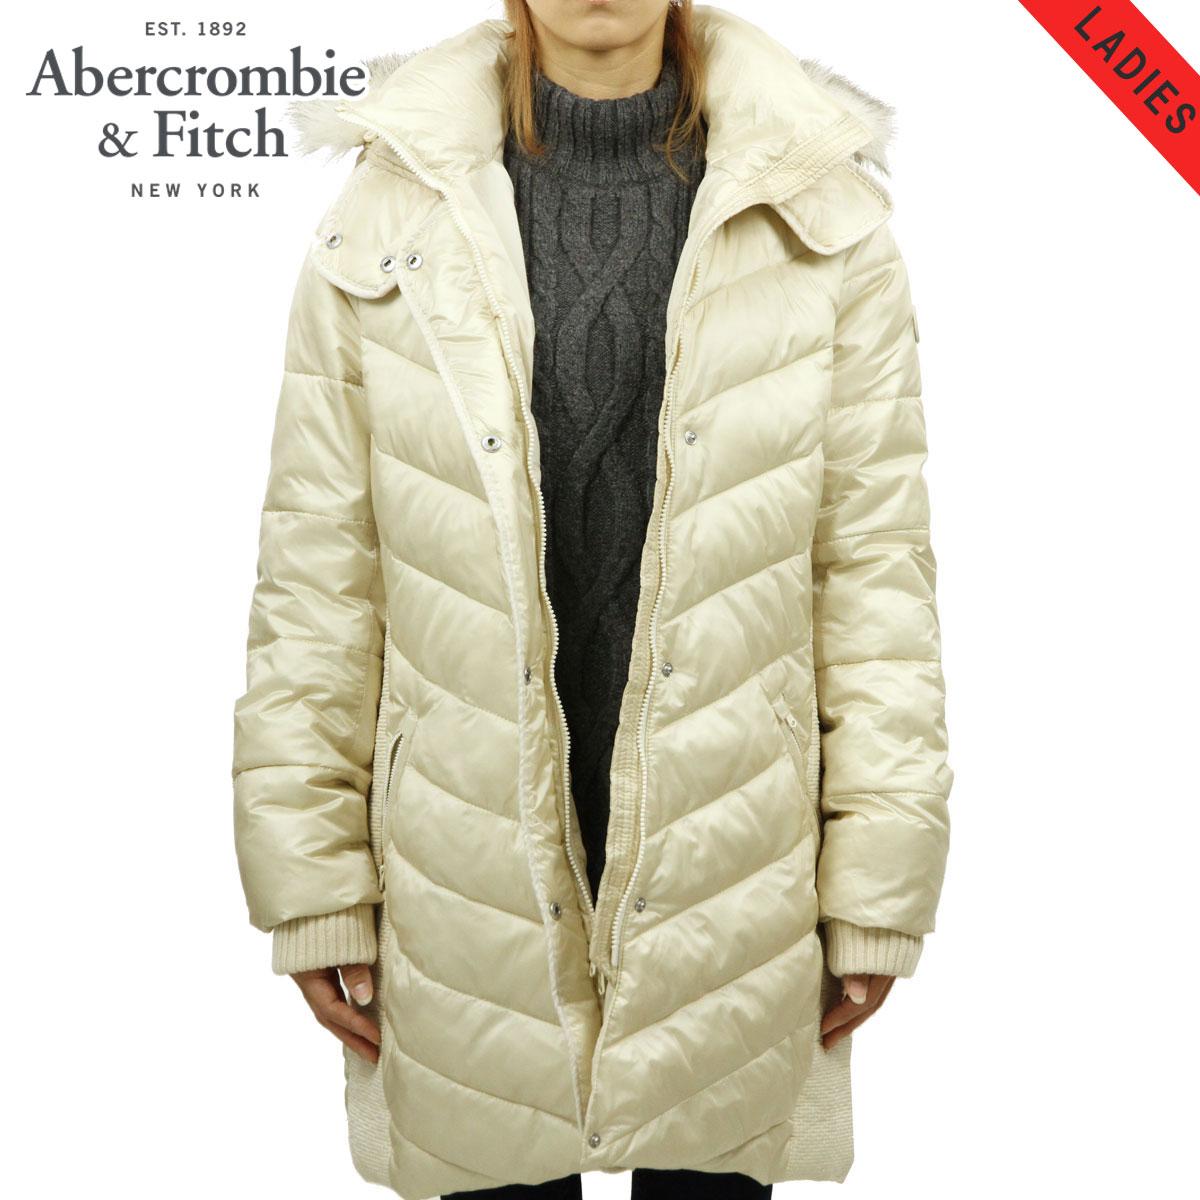 アバクロ Abercrombie&Fitch 正規品 レディース アウター QUILTED NYLON PARKA 144-442-0503-100